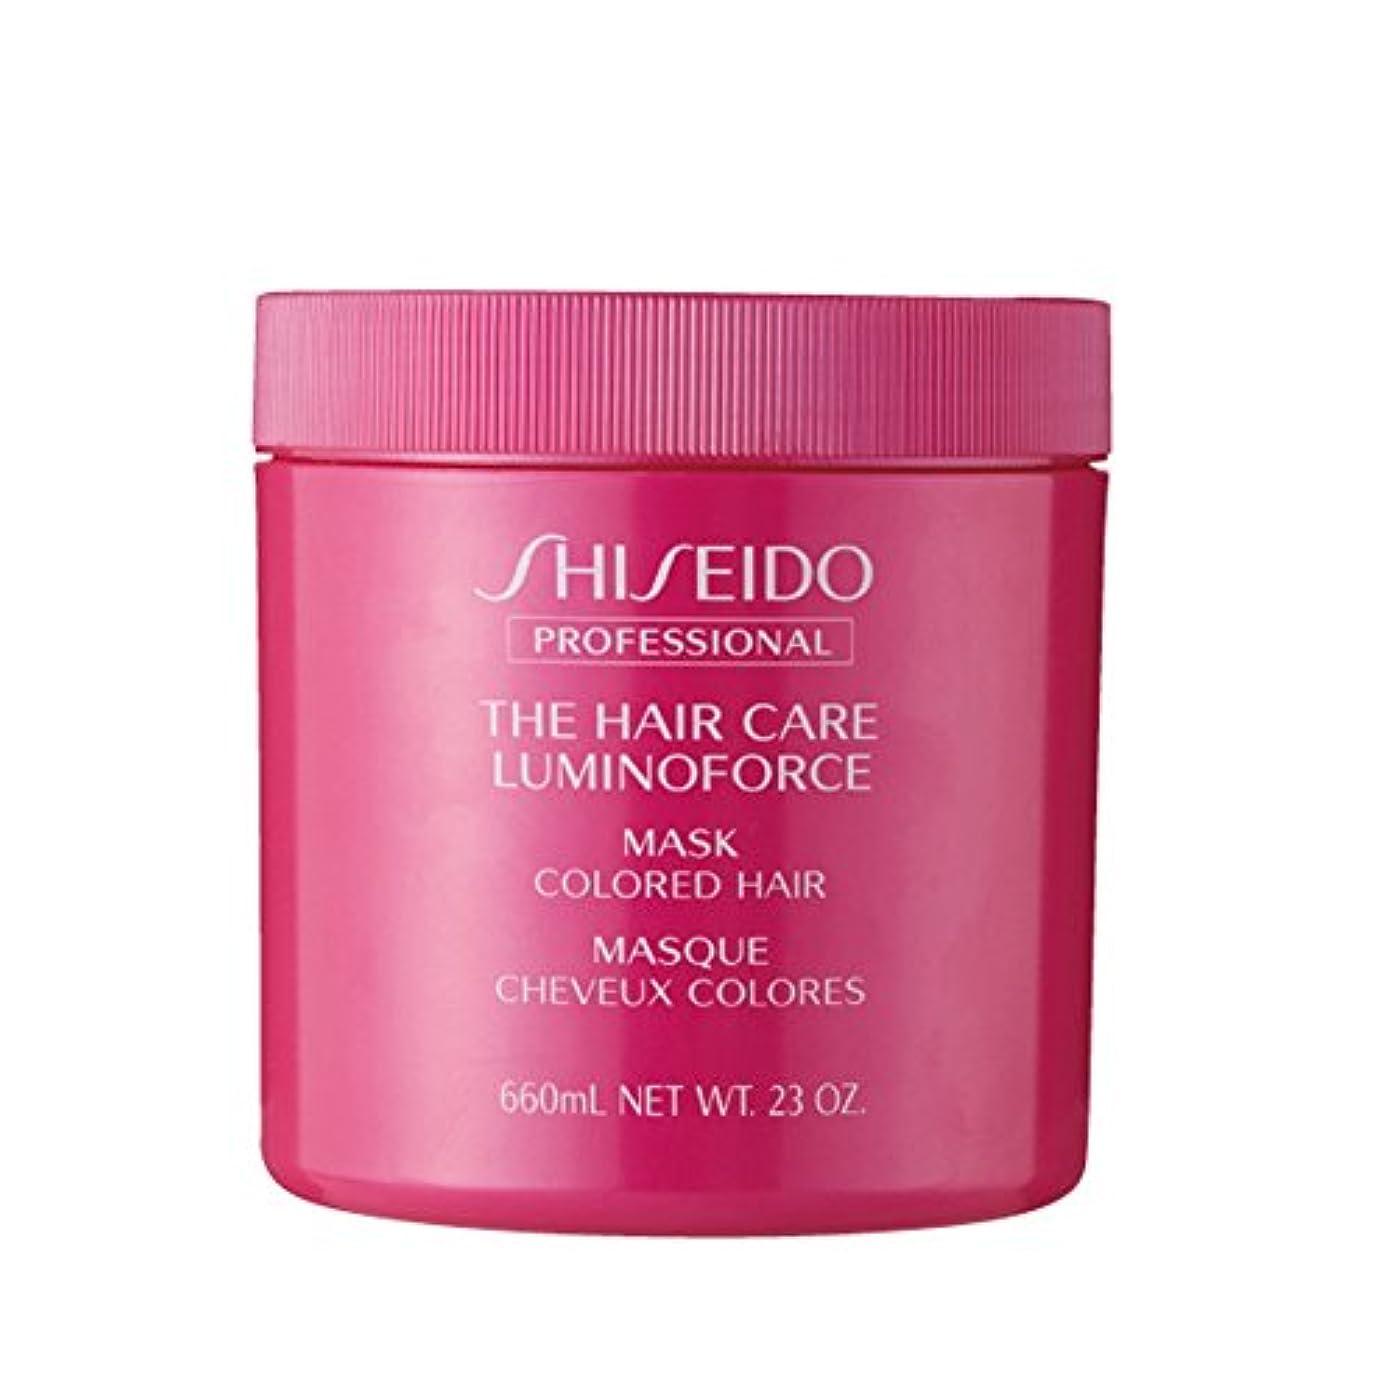 硫黄スキッパーロードブロッキング資生堂 THC ルミノフォースマスク 680g ×3個 セットヘアカラーを繰り返したごわついた髪を、芯からしなやかでつややかな髪へSHISEIDO LUMINOFORCE